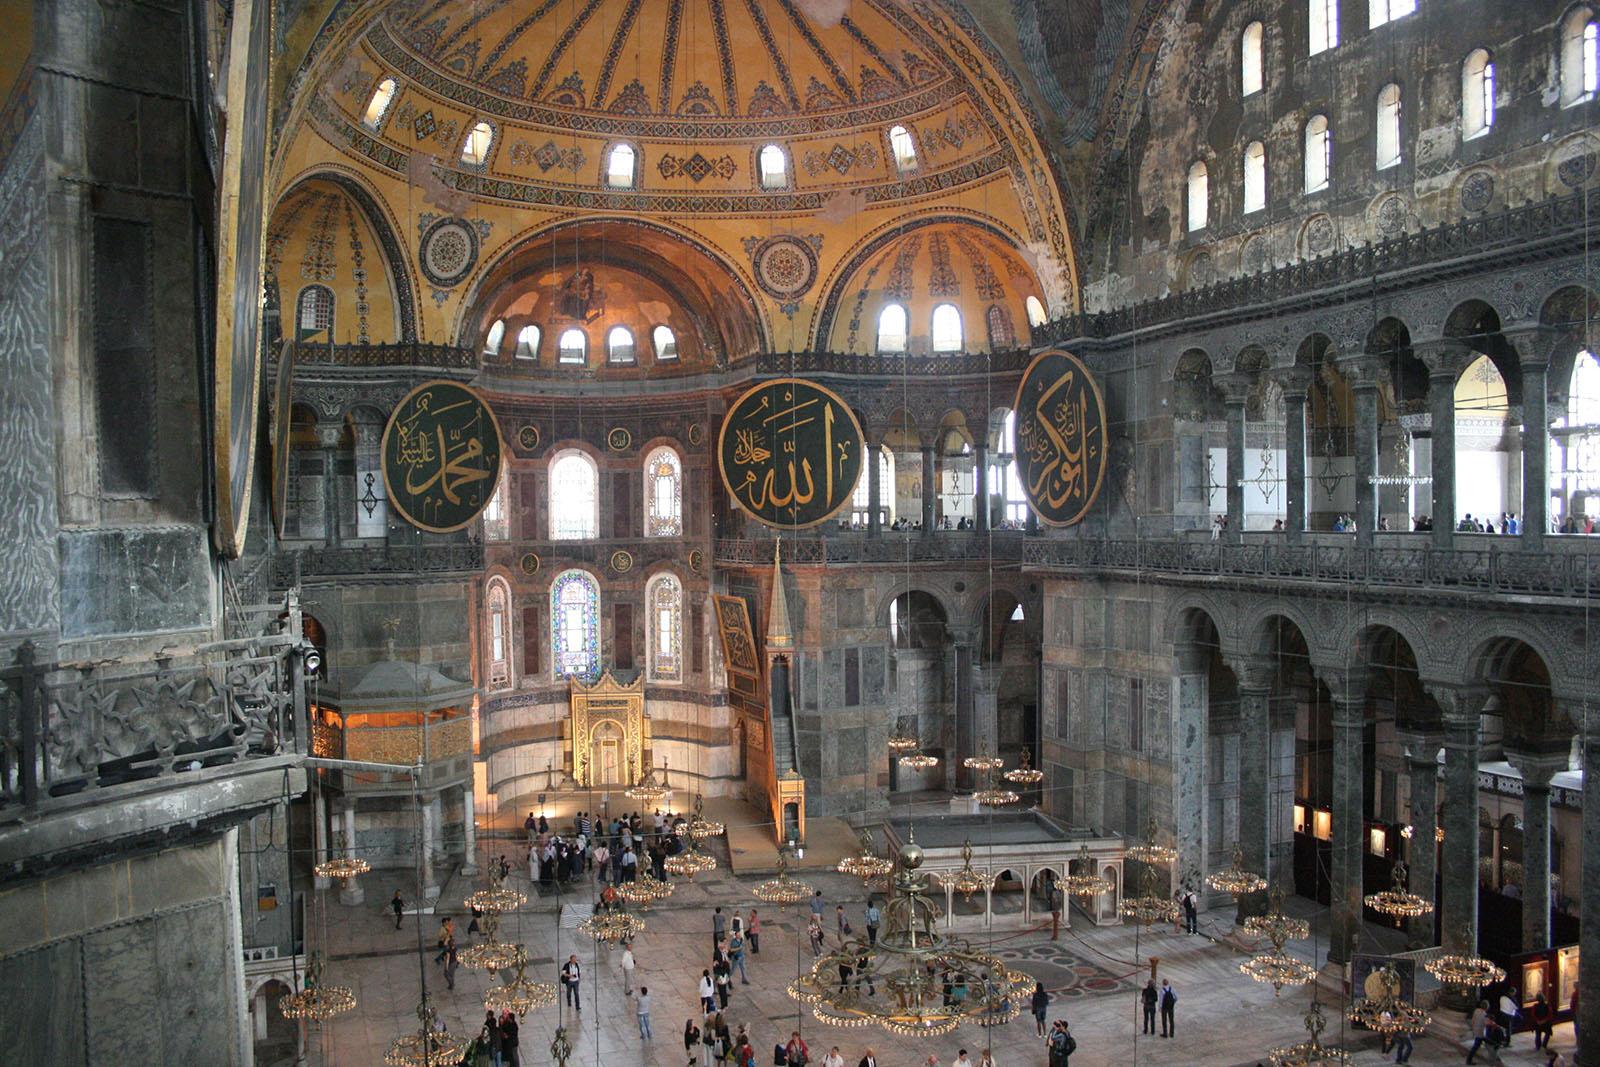 Los mejores sitios de interés turístico del planeta Hagia_sophia_aya_sophia_istanbul_turkey_travel_photography